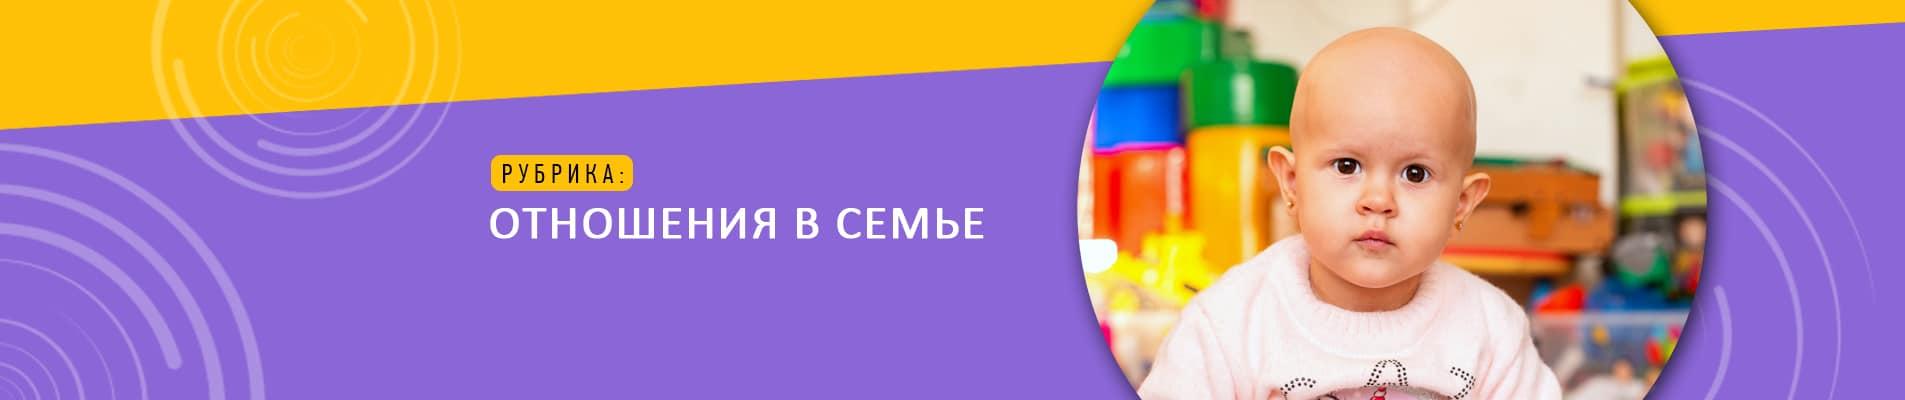 Stosunky Main Ru